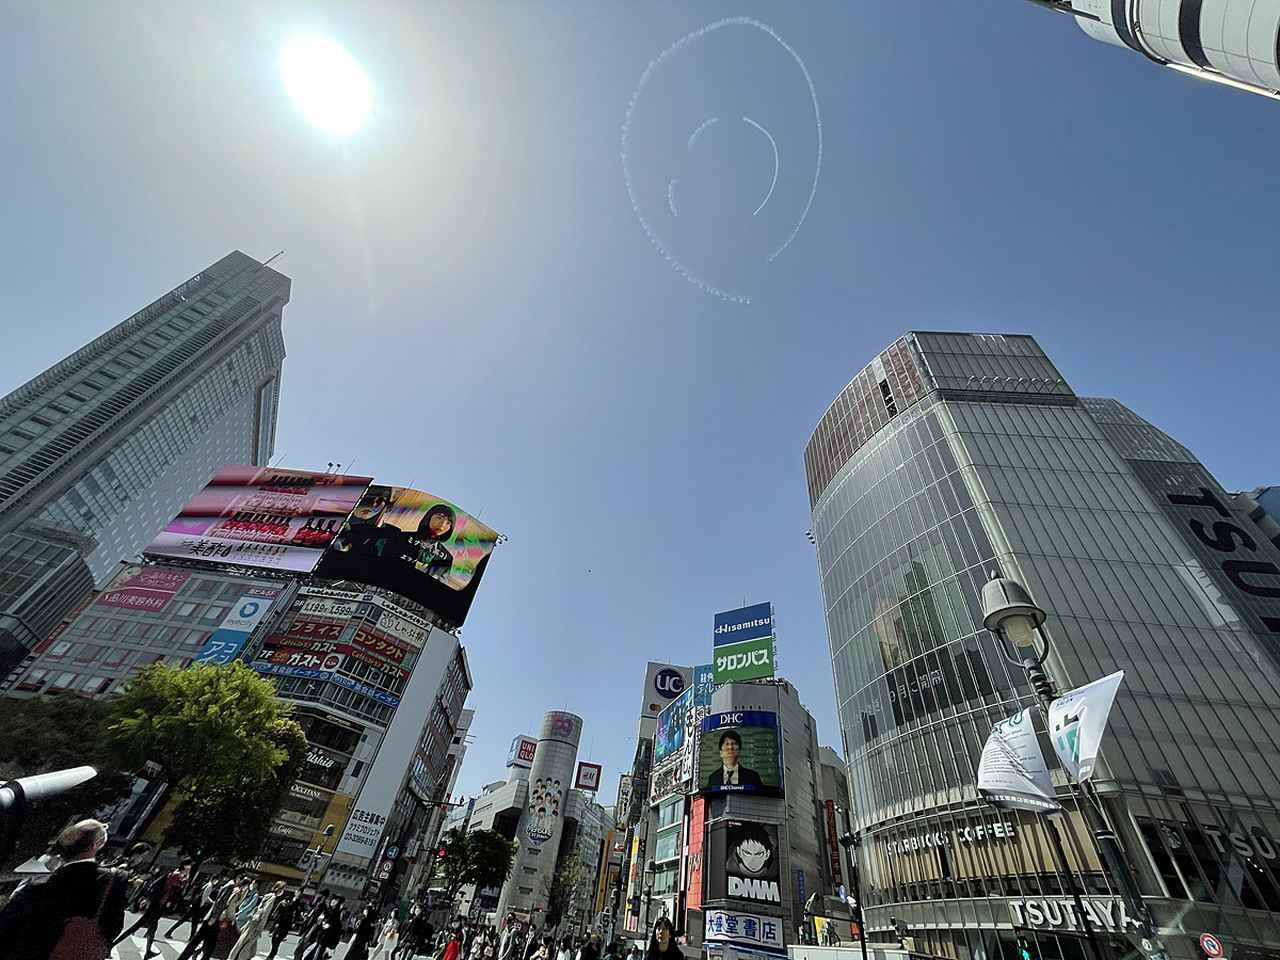 画像: 渋谷のスクランブルエッグ交差点上空に描かれたニコちゃんマーク。大勢の人が空を見上げていた。(Pathfinder)